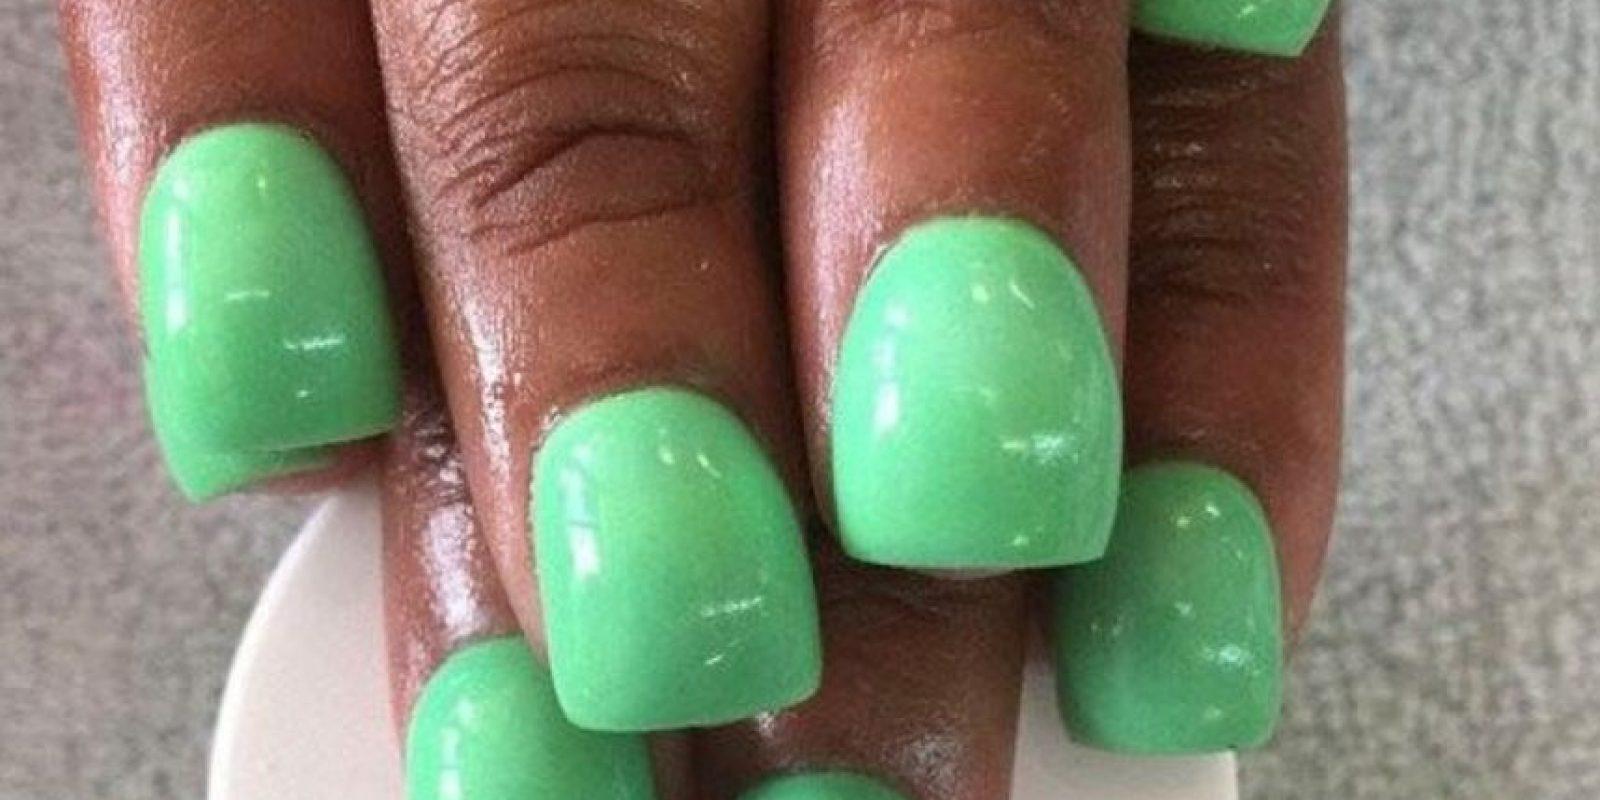 Video: Ahora la moda es ponerse alacranes en las uñas | Publinews